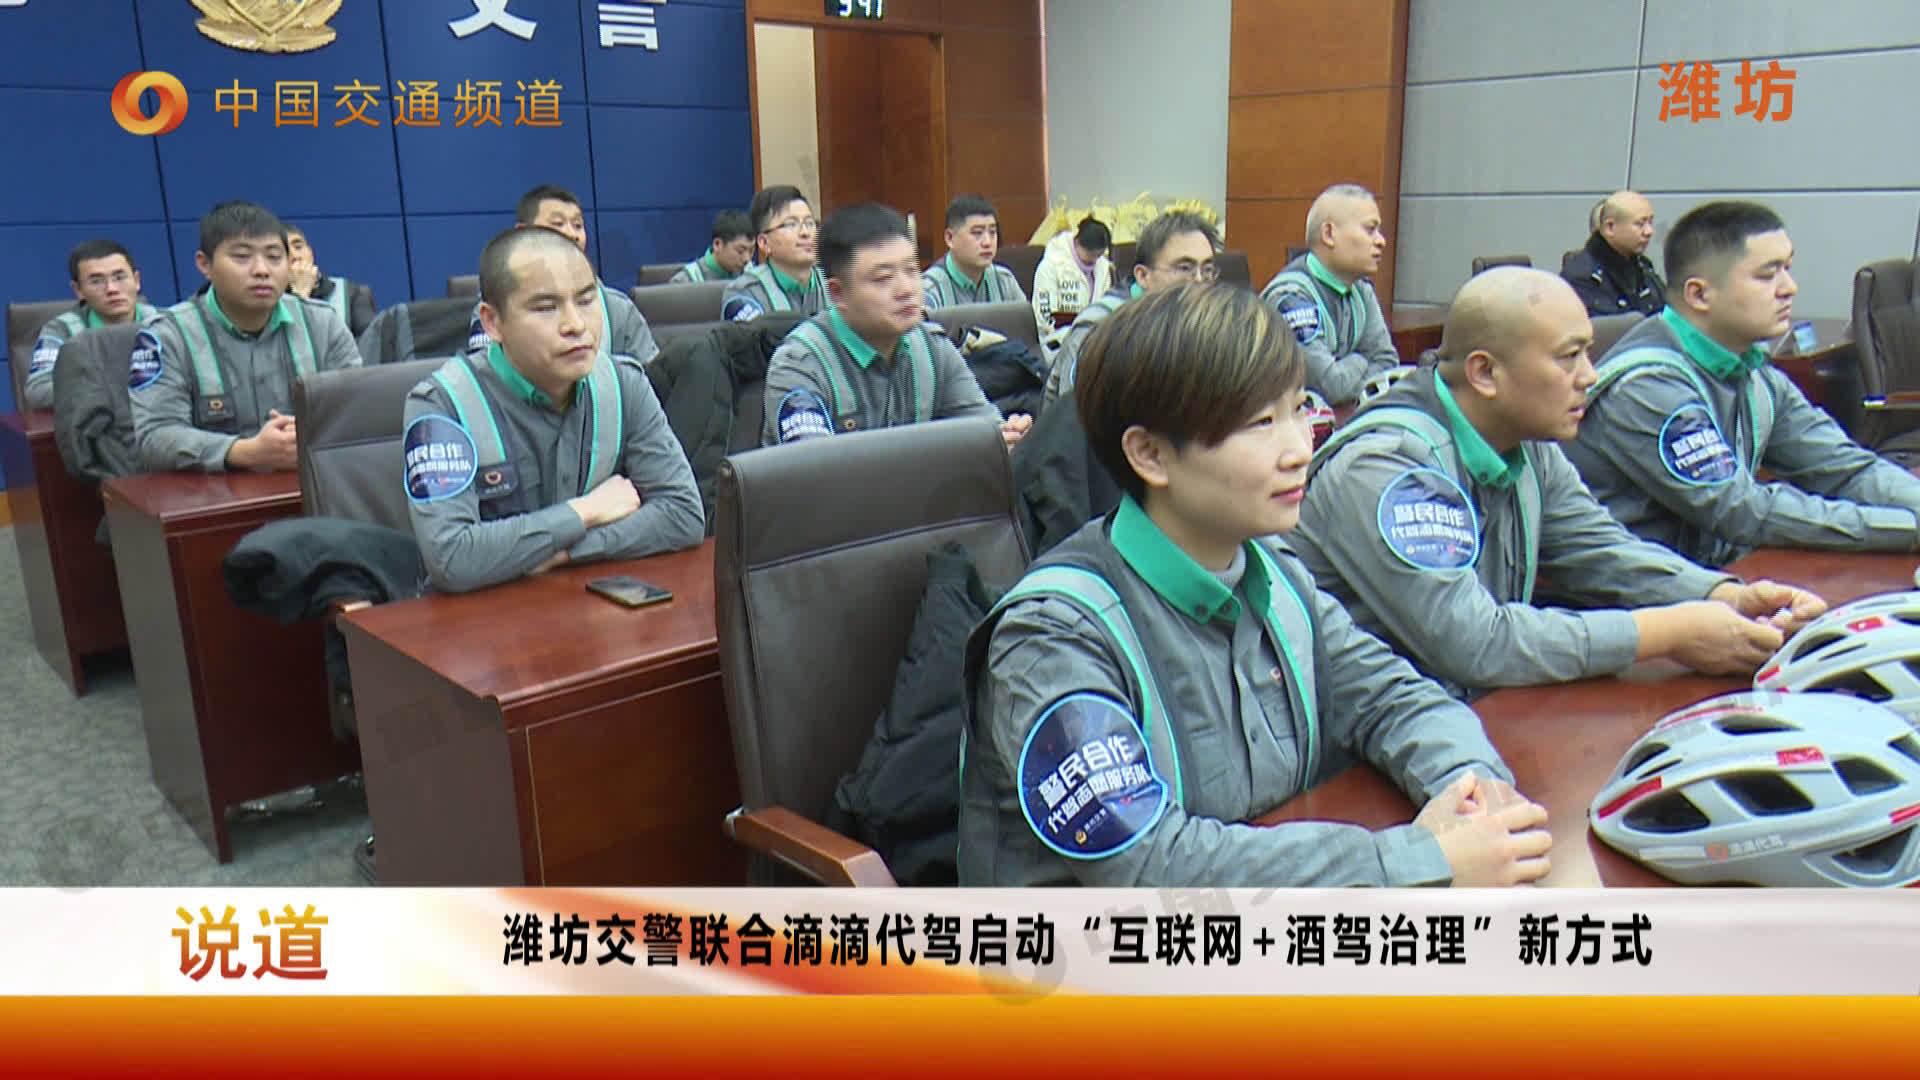 """潍坊交警联合滴滴代驾启动""""互联网+酒驾治理""""新方式"""